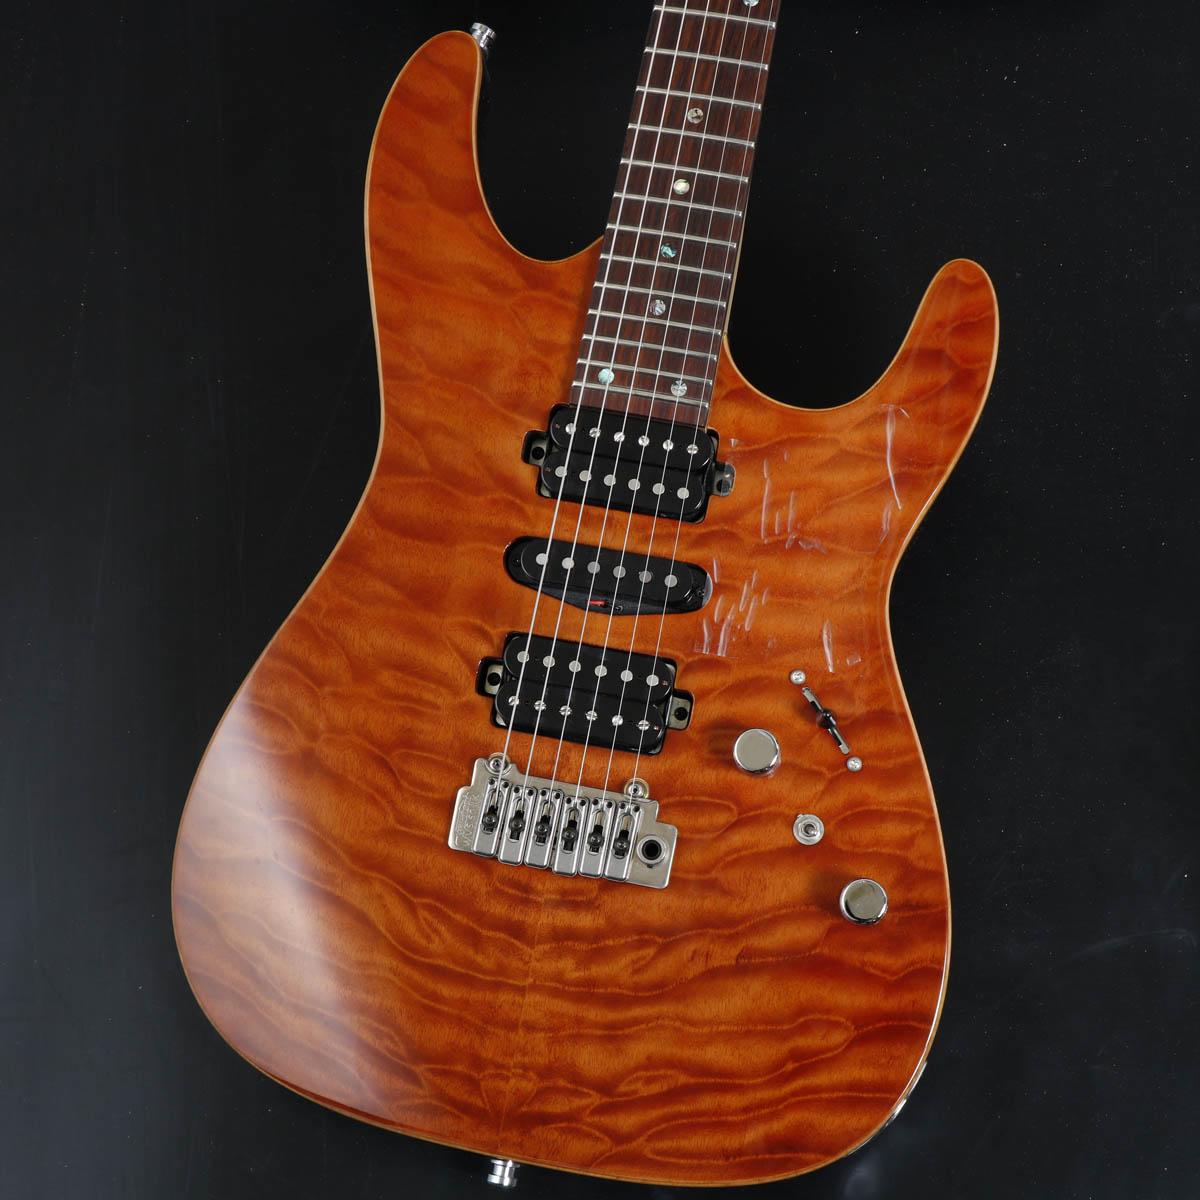 再再販! Selva Guitar Rosewood Technology Selva/ Modern Bengal Rosewood セルバ【チョイキズ特価 Bengal】【御茶ノ水本店】, 中古パソコンのUSED-PC:136004c4 --- beautyflurry.com